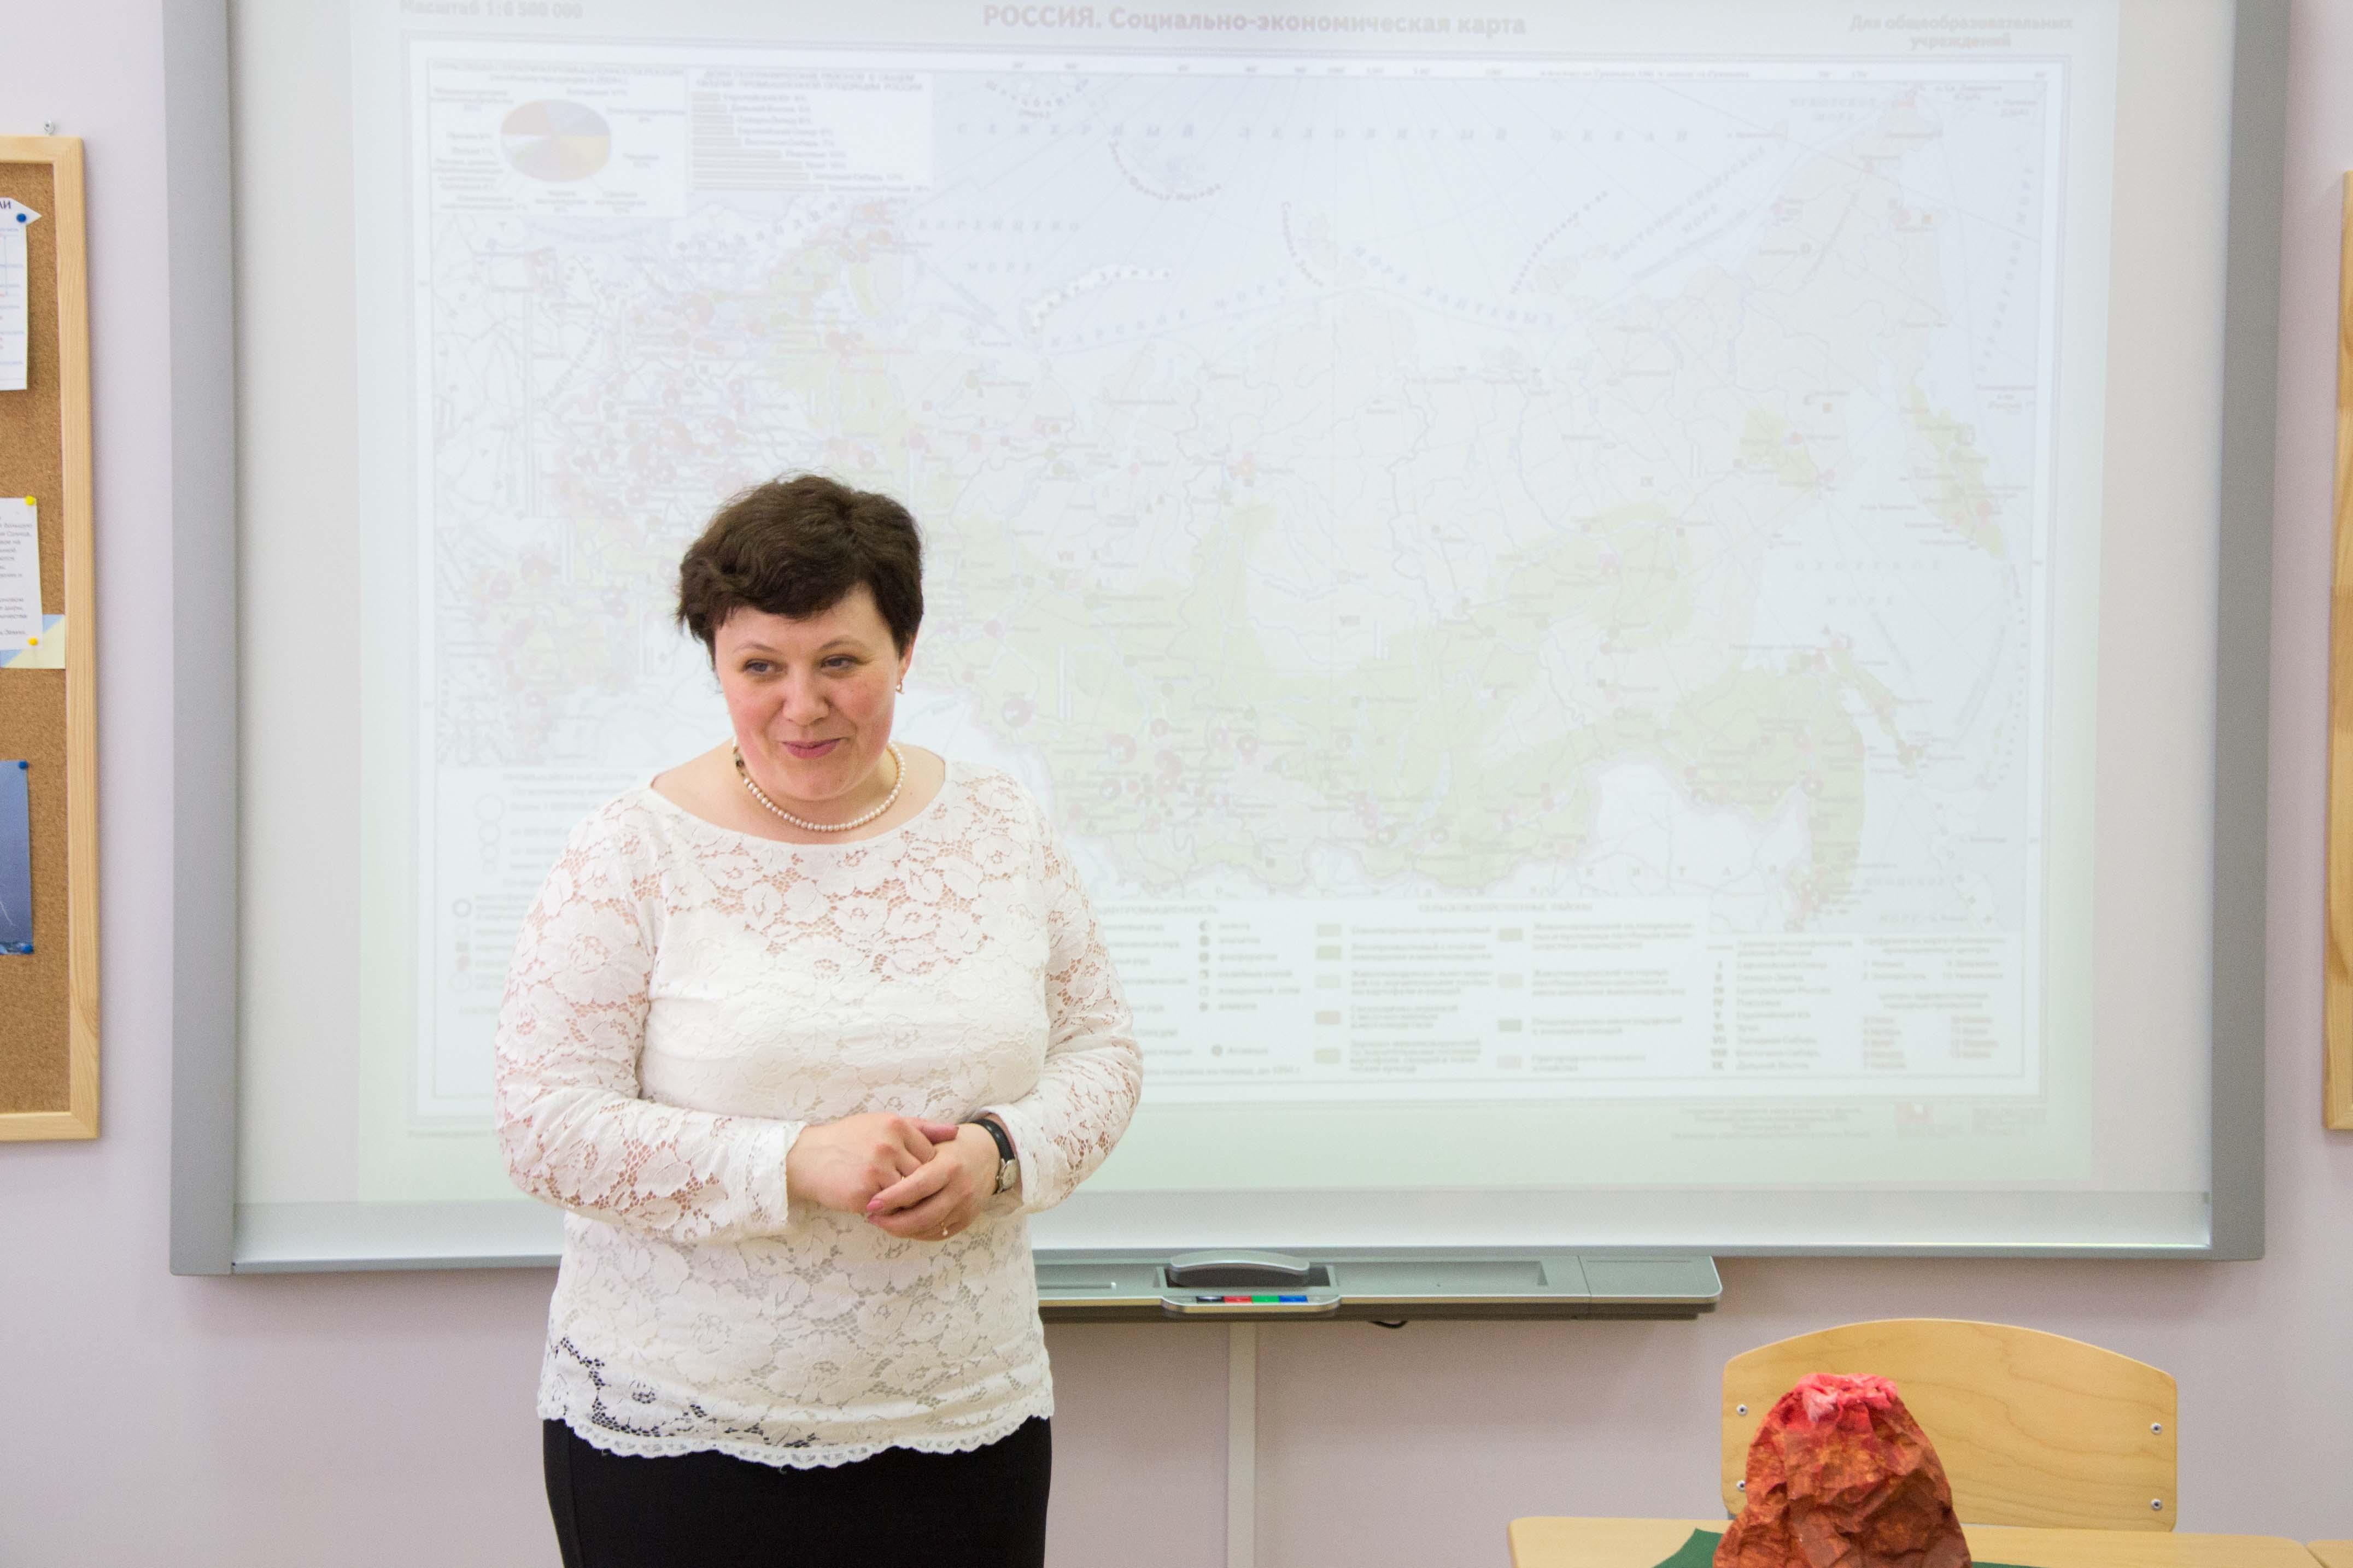 Заместитель директора по воспитательной работе, учитель географии